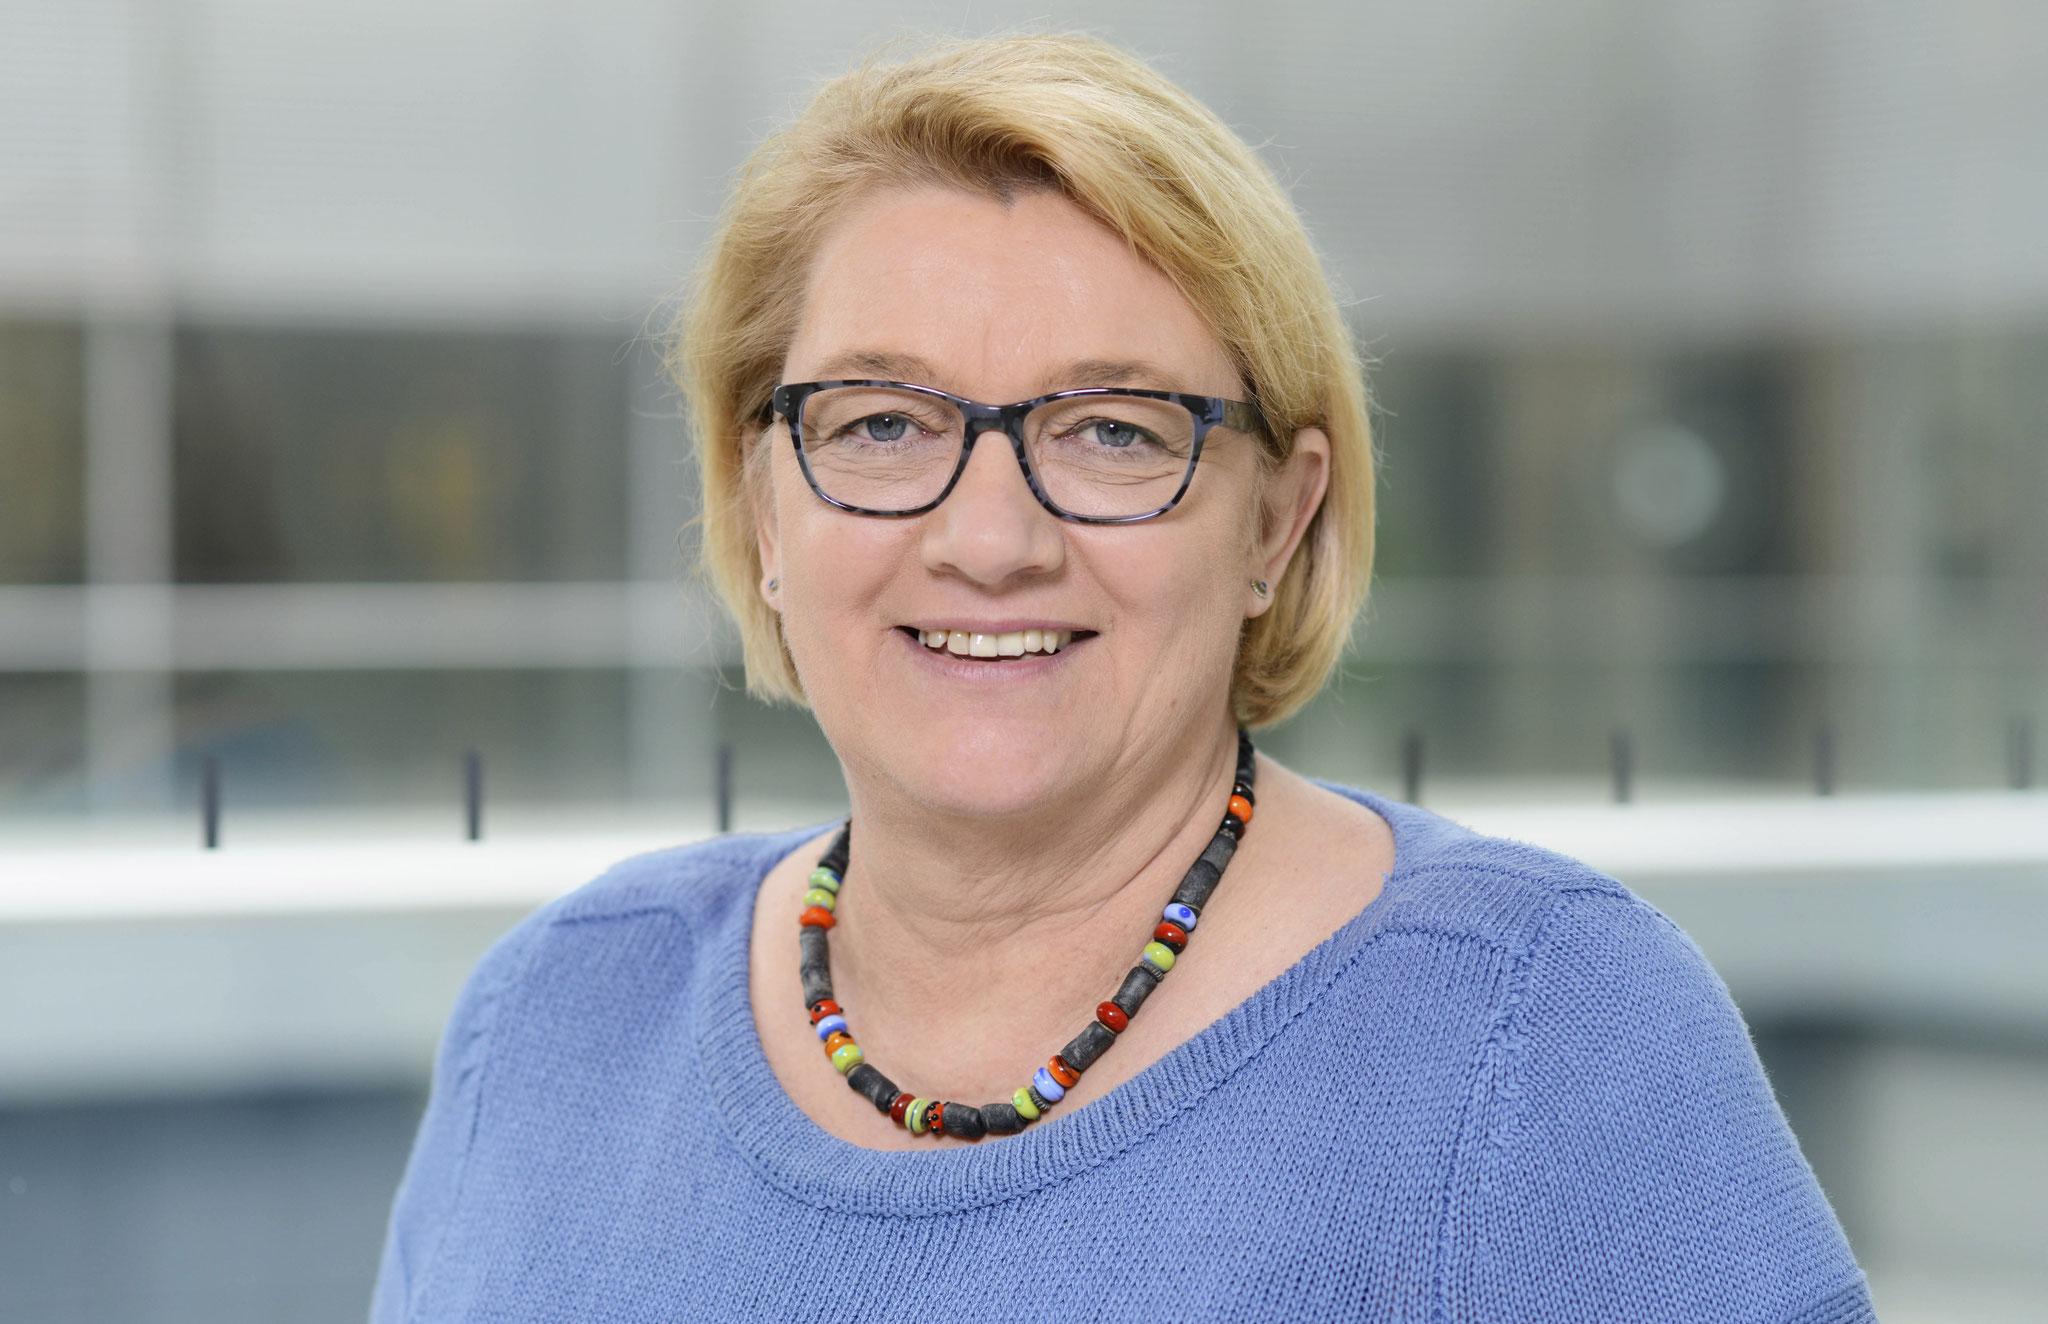 """Kordula Schulz-Asche (MdB) Kandidatin der B'90/DIE GRÜNEN, zu Gast am 08.09.2021 """"Gesundheitswesen & Pflege"""""""